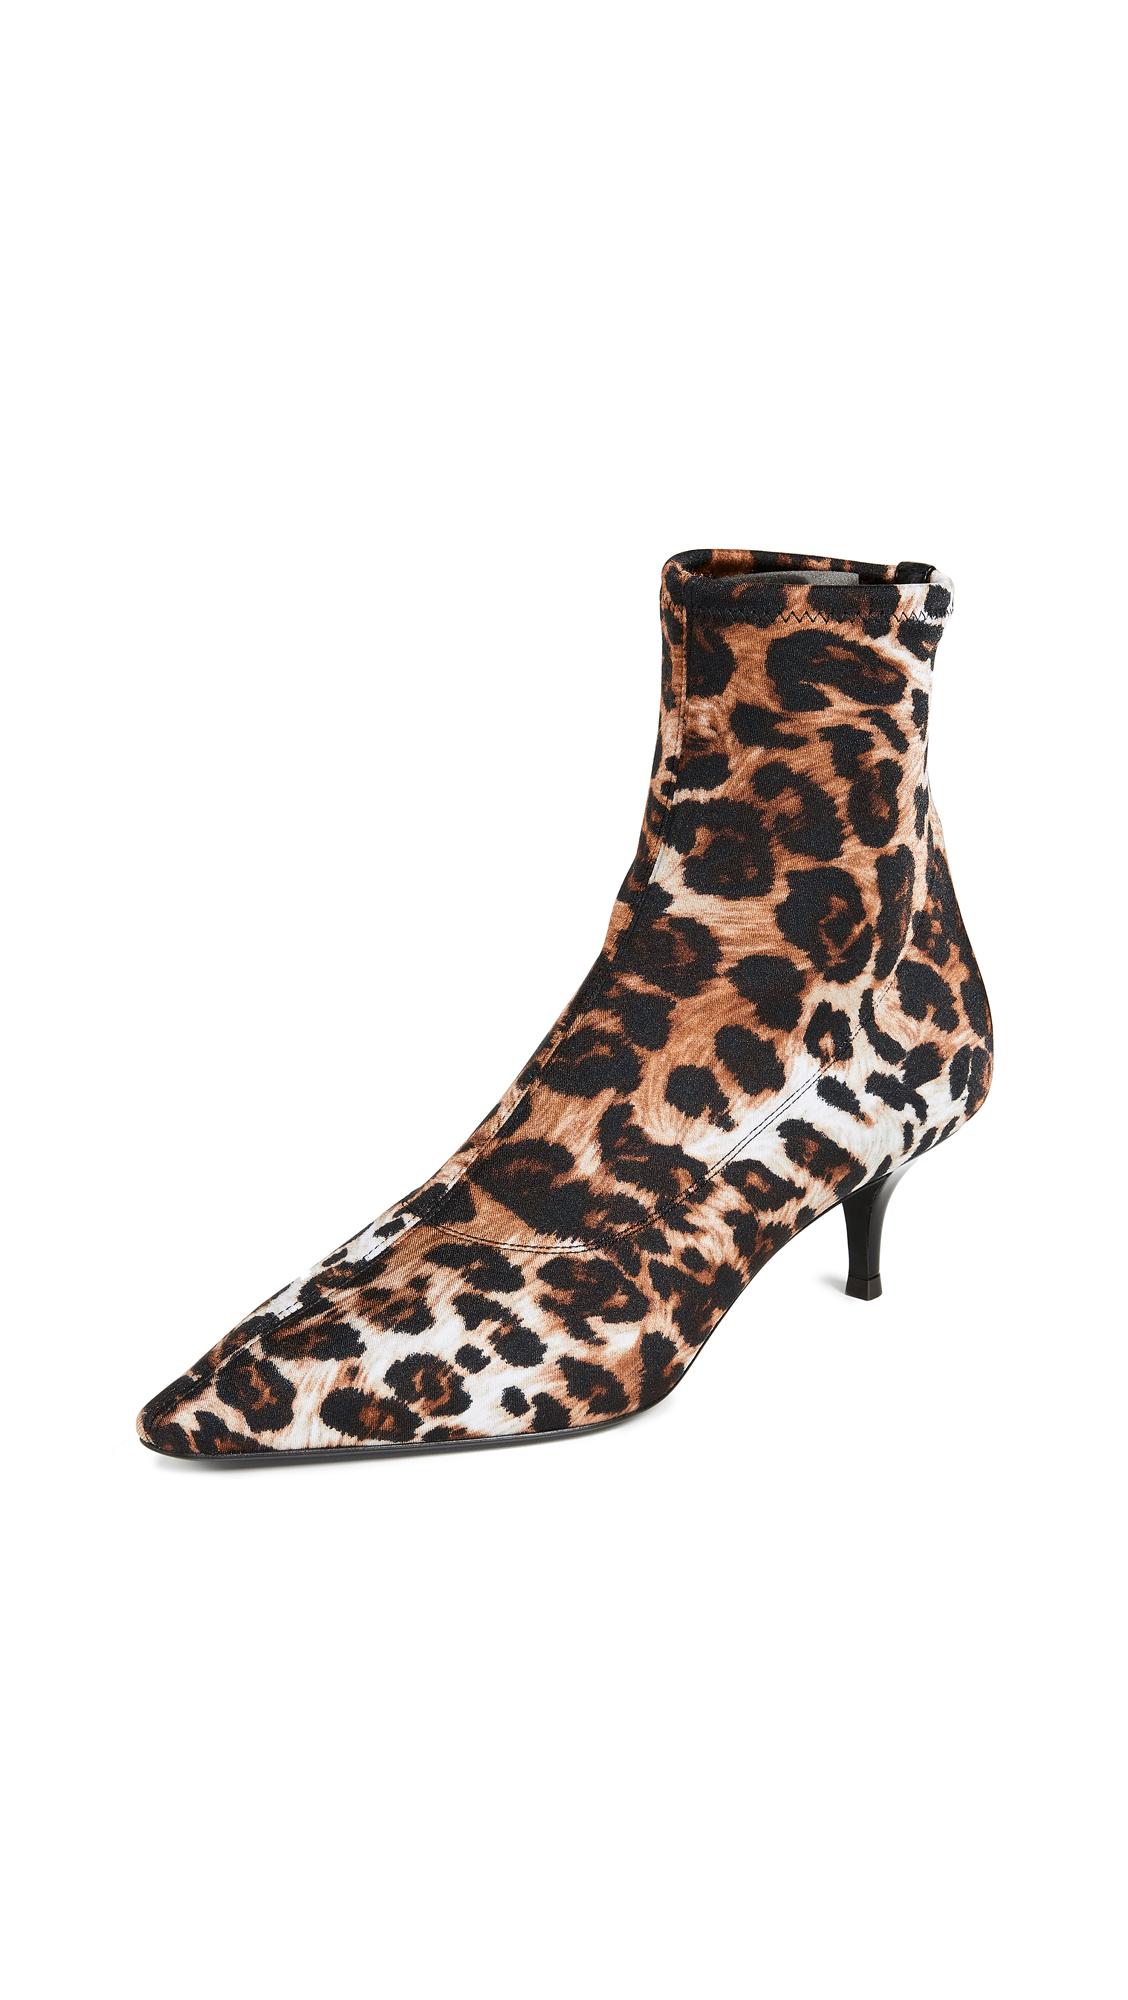 Giuseppe Zanotti Kitten Heel Booties - Leopard